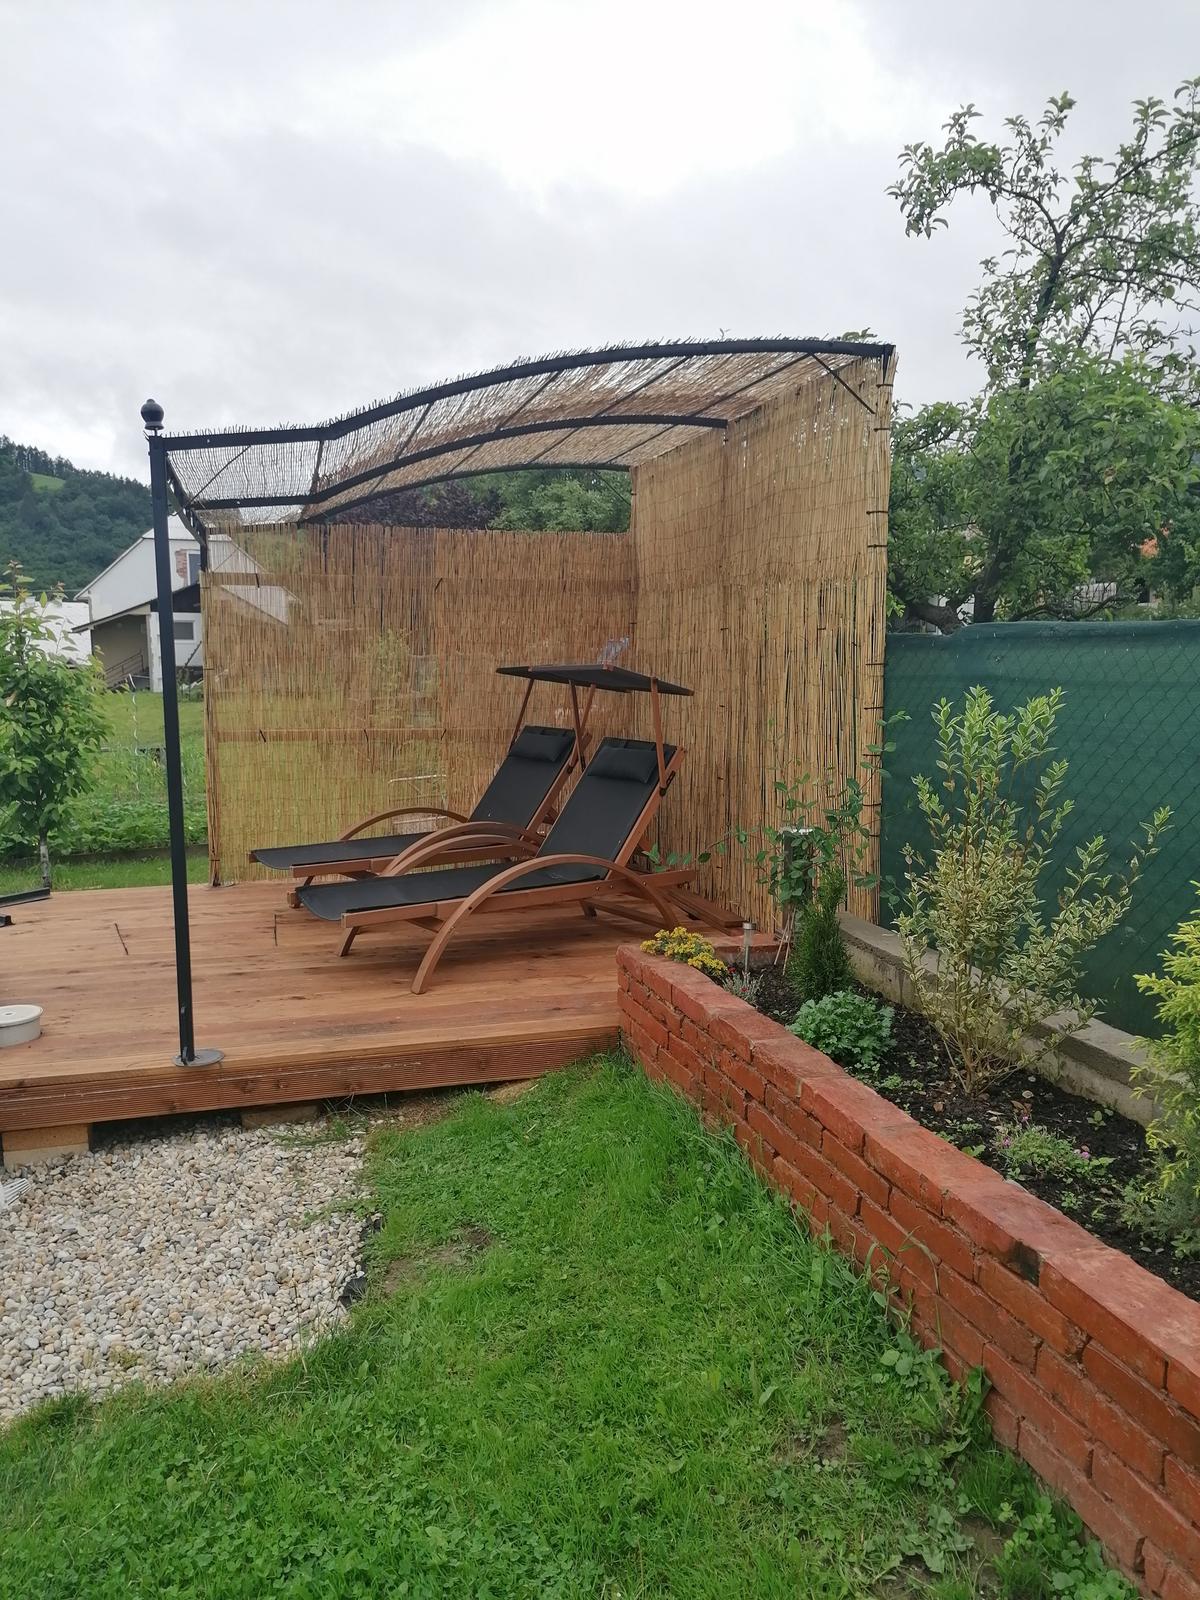 Náš veľký sen o drevenom domčeku! - Hotovo. Na strechu sa dala ešte strešná fólia a nepremokavá plachta čo tam bola pôvodne.